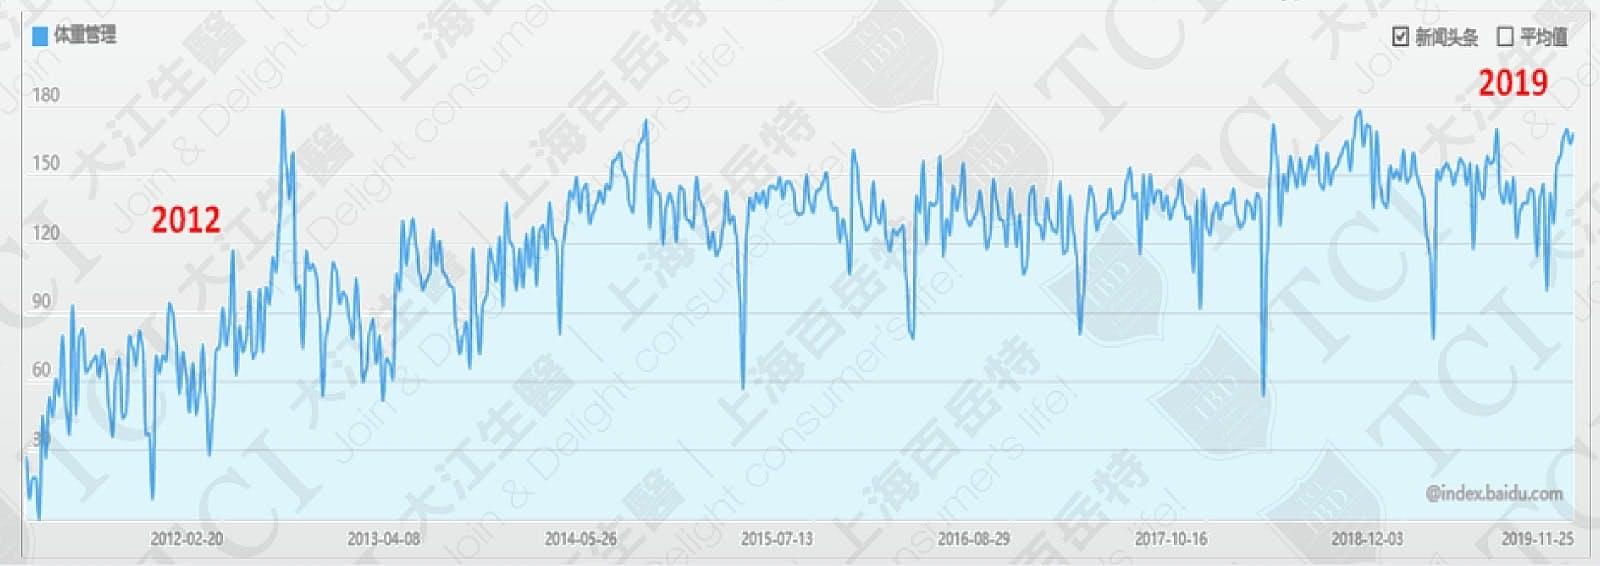 體重管理網路搜尋量, 資料來源: 百度指數